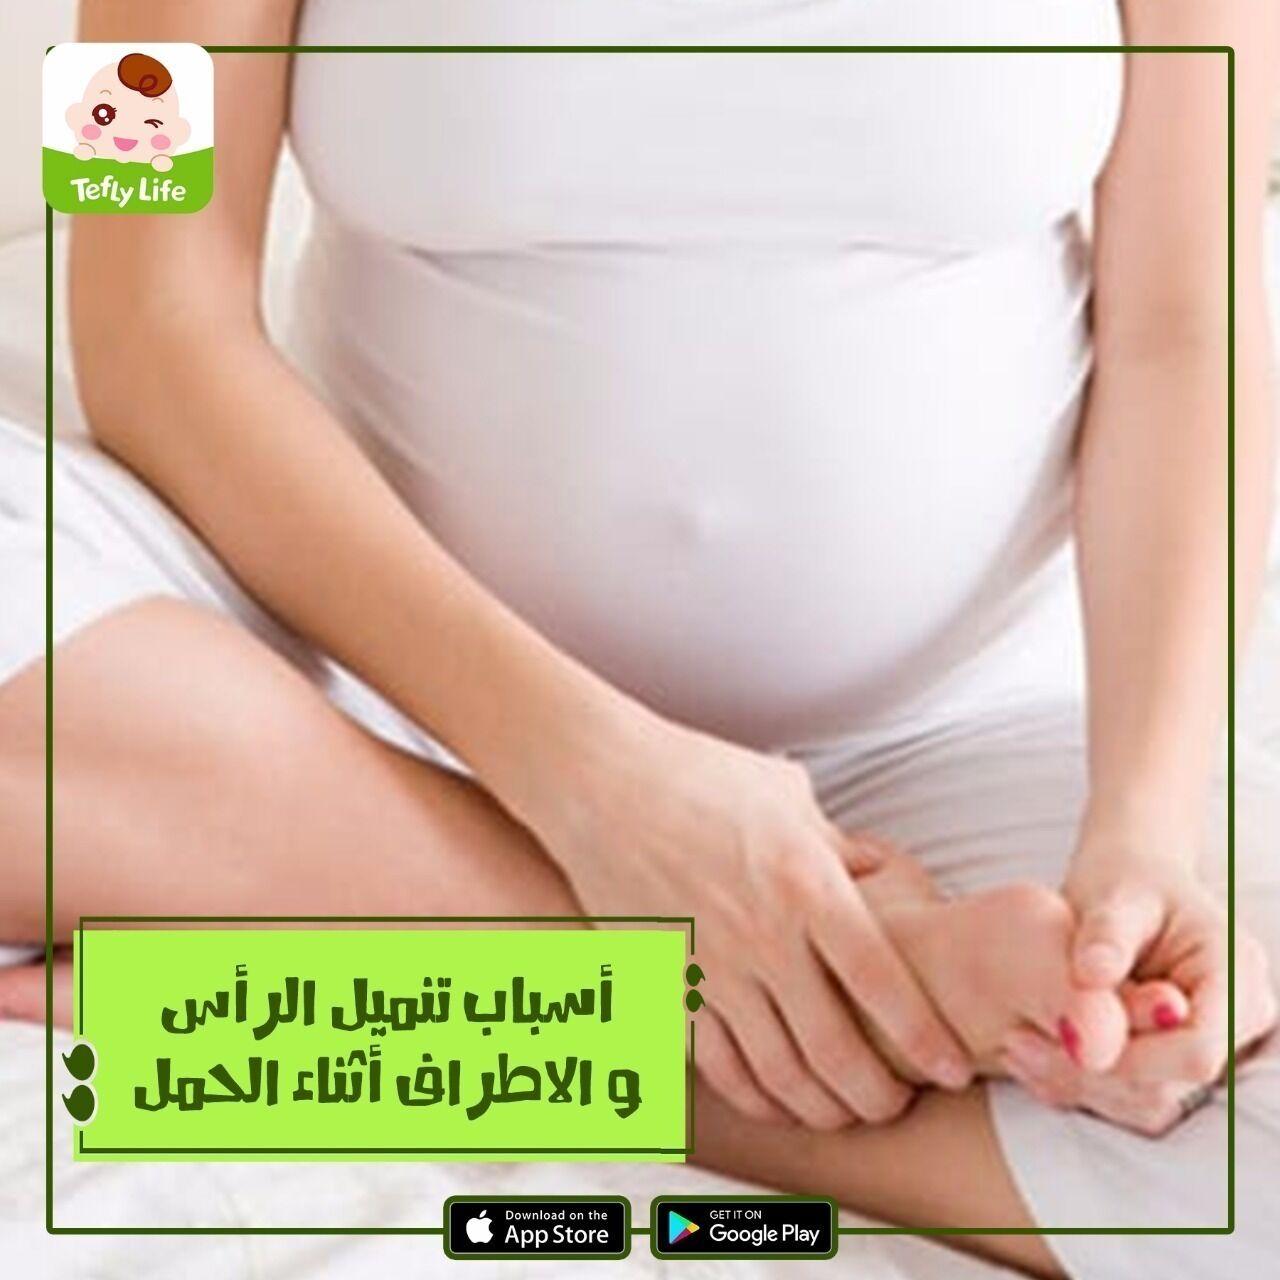 هل يدل تنميل الجسم أثناء الحمل على مشكلة صحية؟